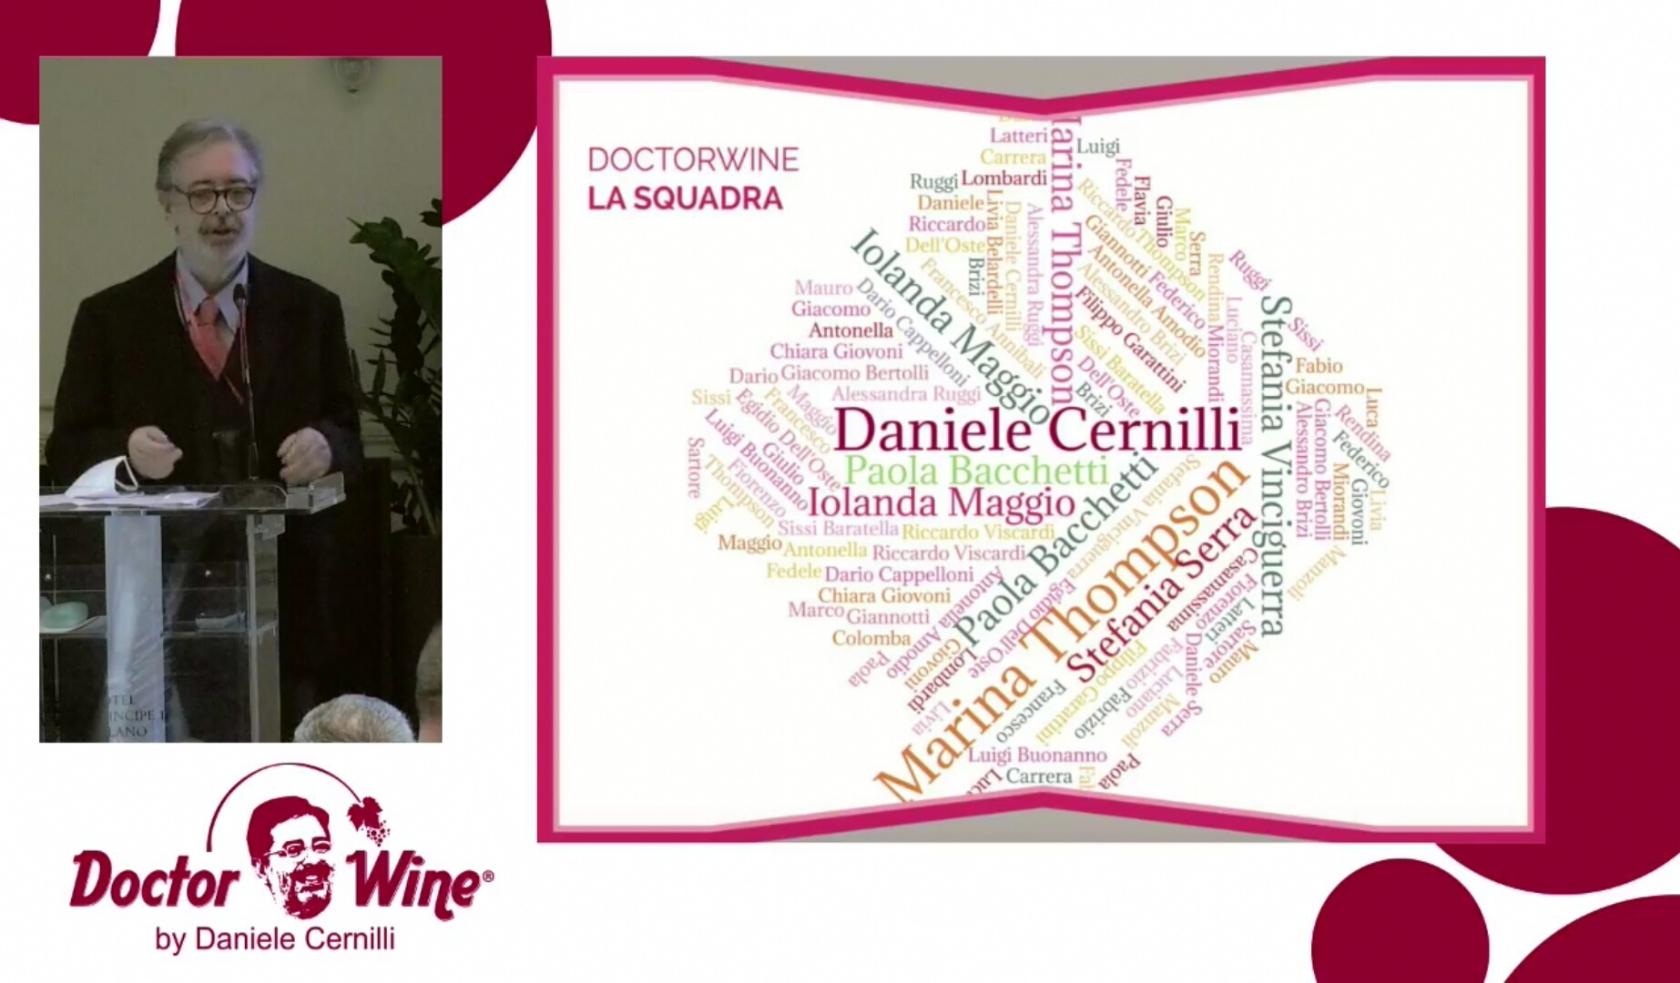 Presentazione guida Doctor Wine MWW 2020